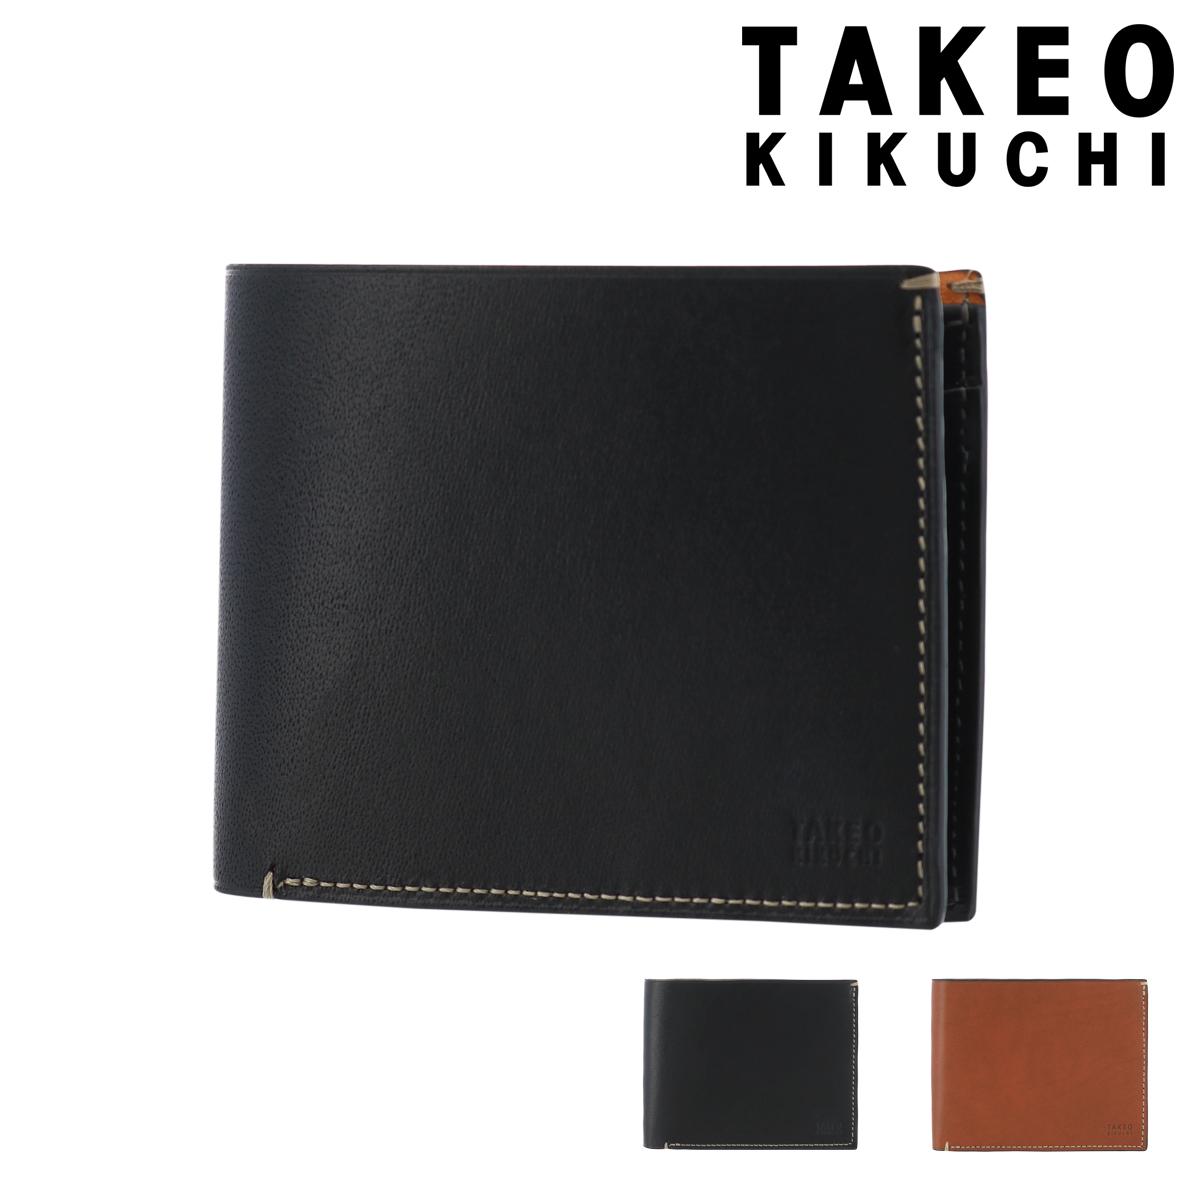 タケオキクチ 二つ折り財布 ミニ財布 スタック メンズ 742614 TAKEO KIKUCHI | 牛革 本革 レザー [PO5]